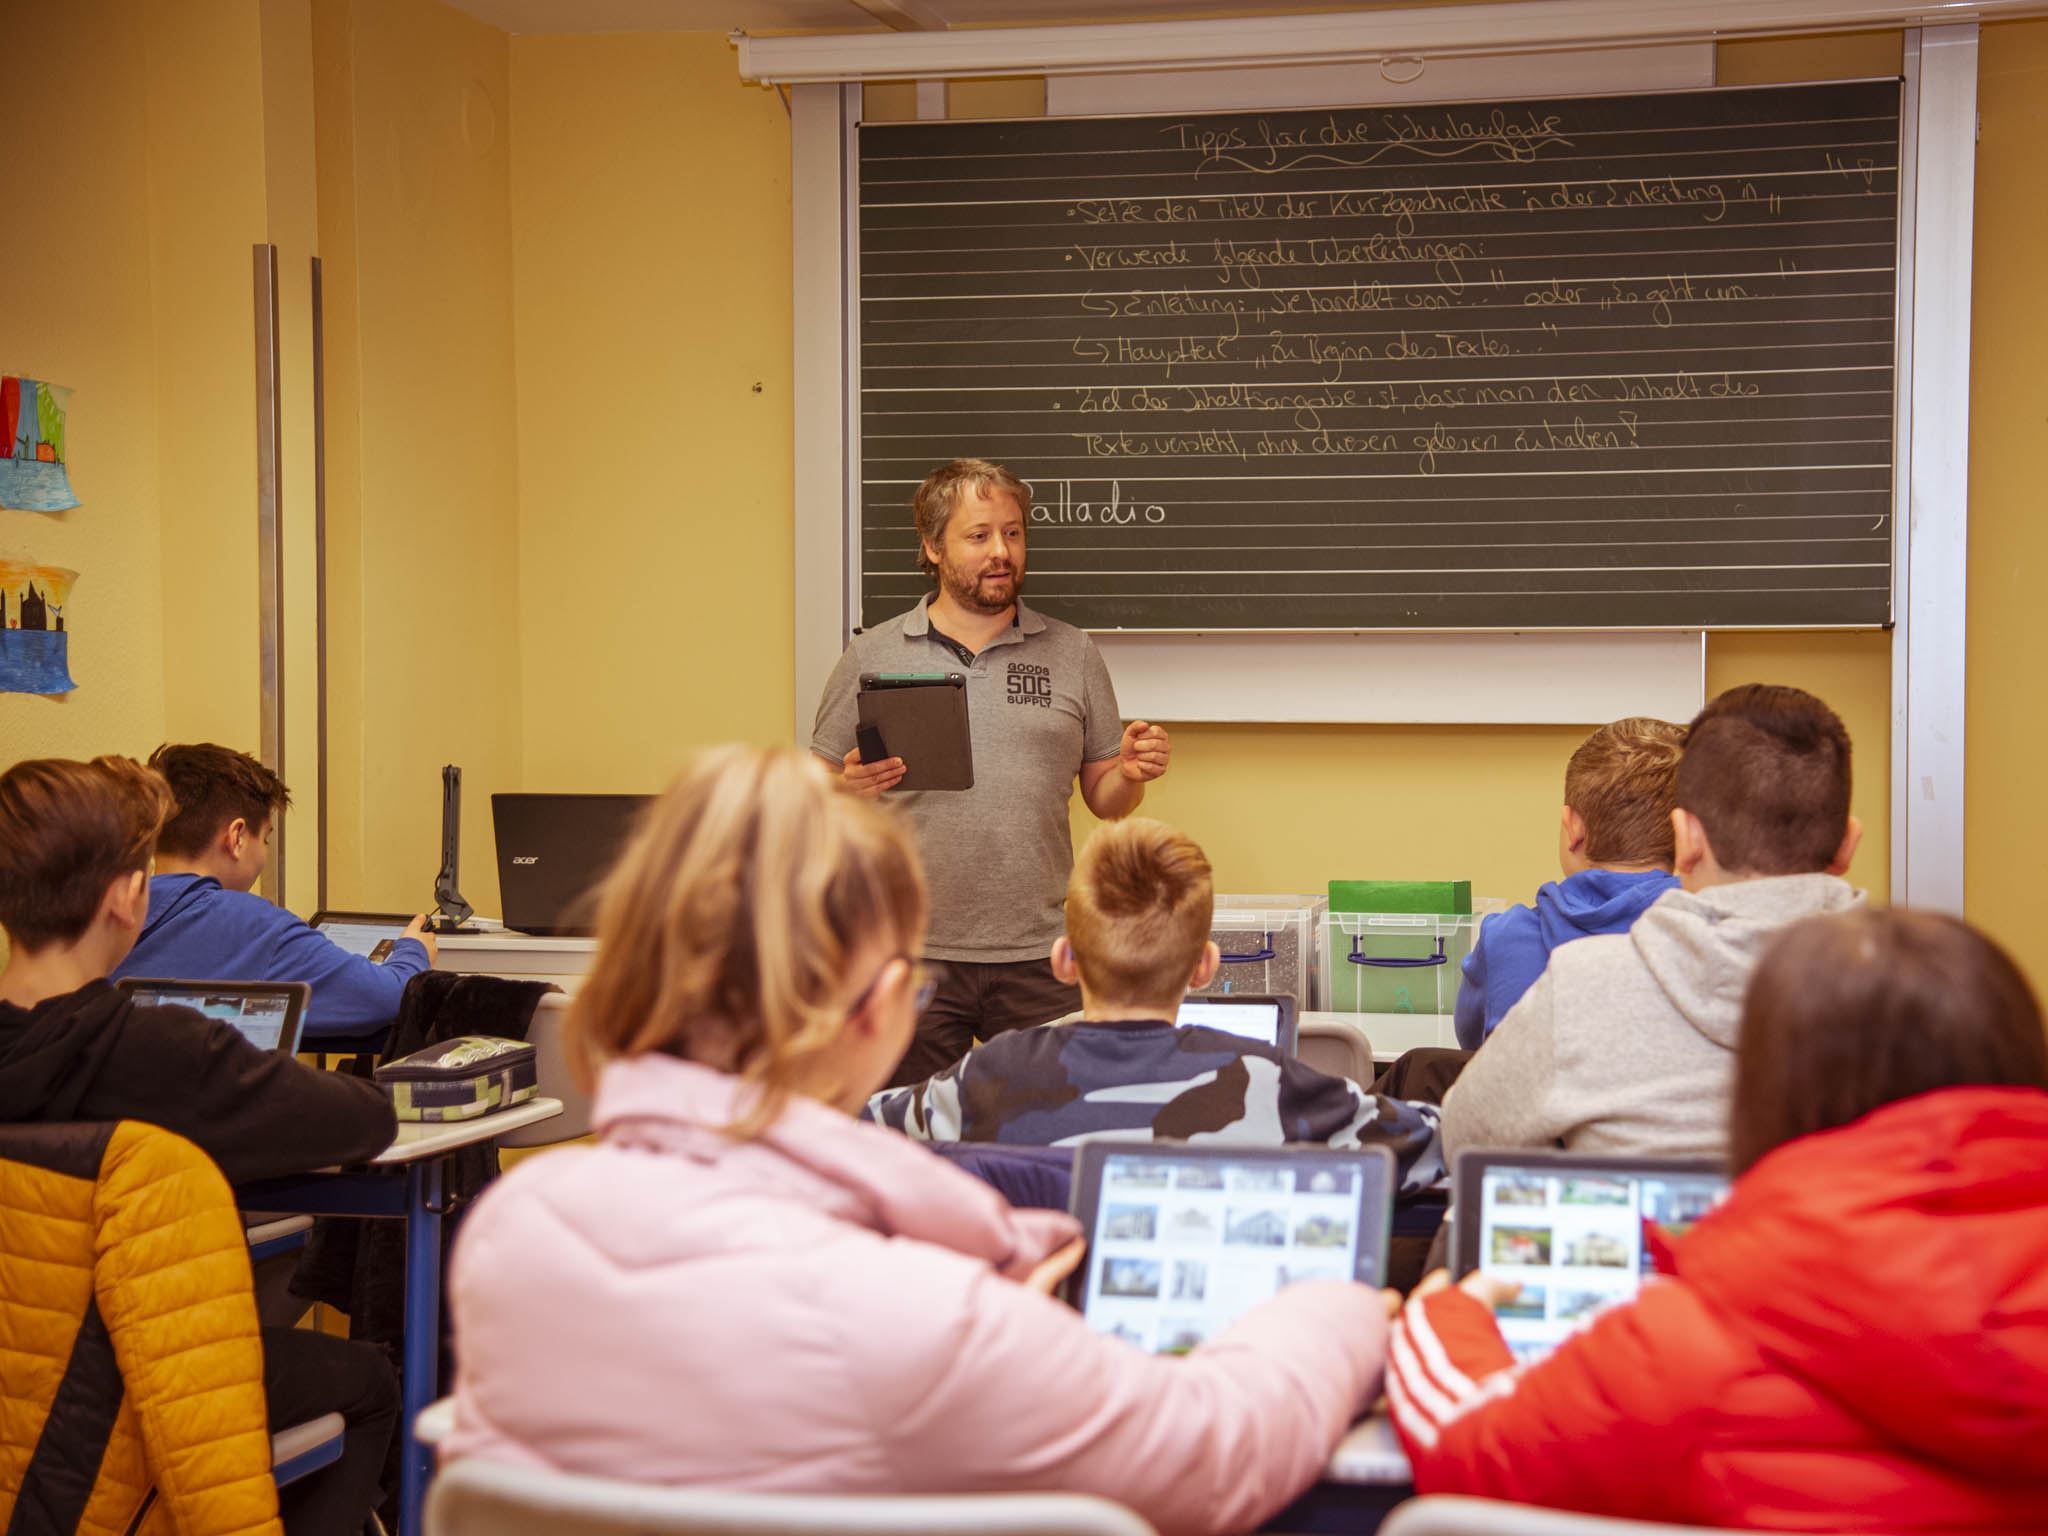 Einen festen Einschreibungstermin gibt es an der Privaten Wirtschaftsschule Müller nicht. Foto: Private Wirtschaftsschule Müller